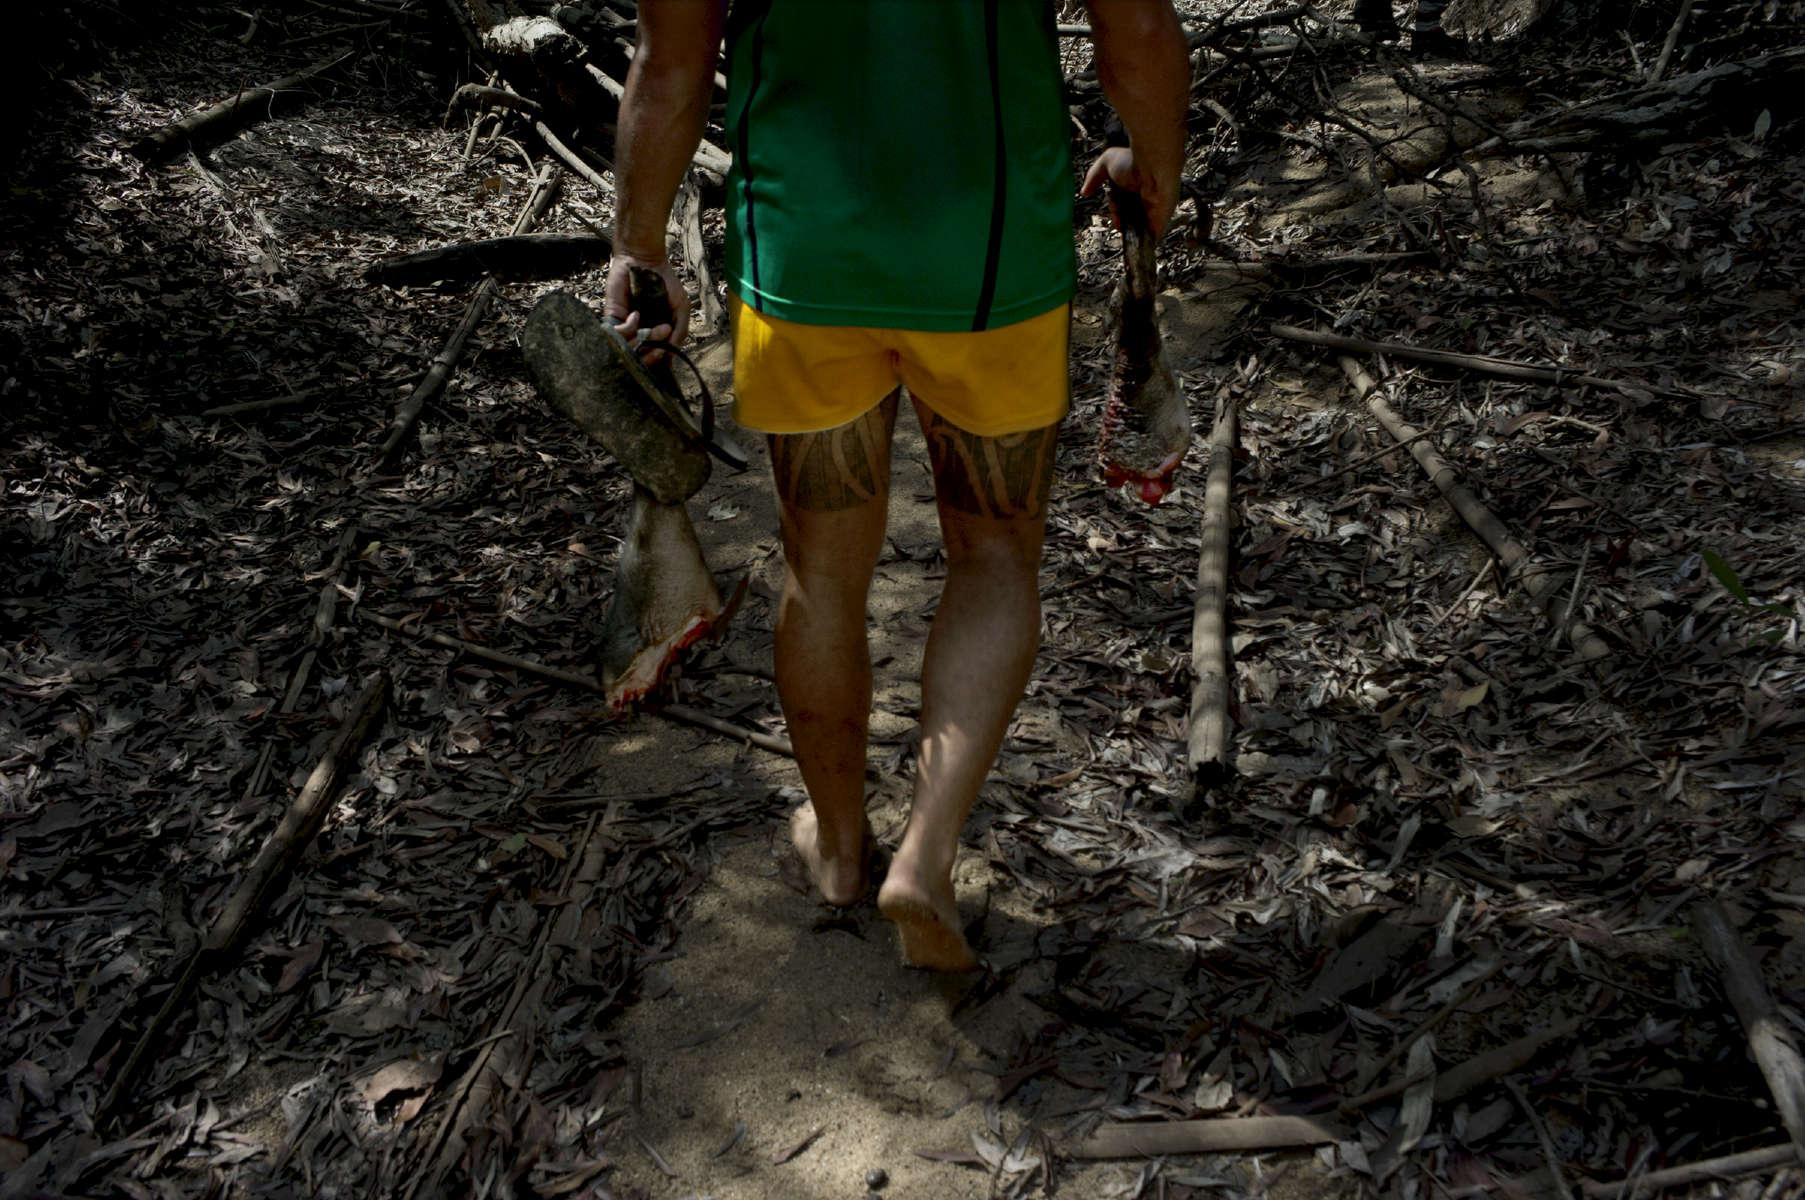 Jour de chasse,  Wetland, près de Darwin, TN, Australie, 2011.